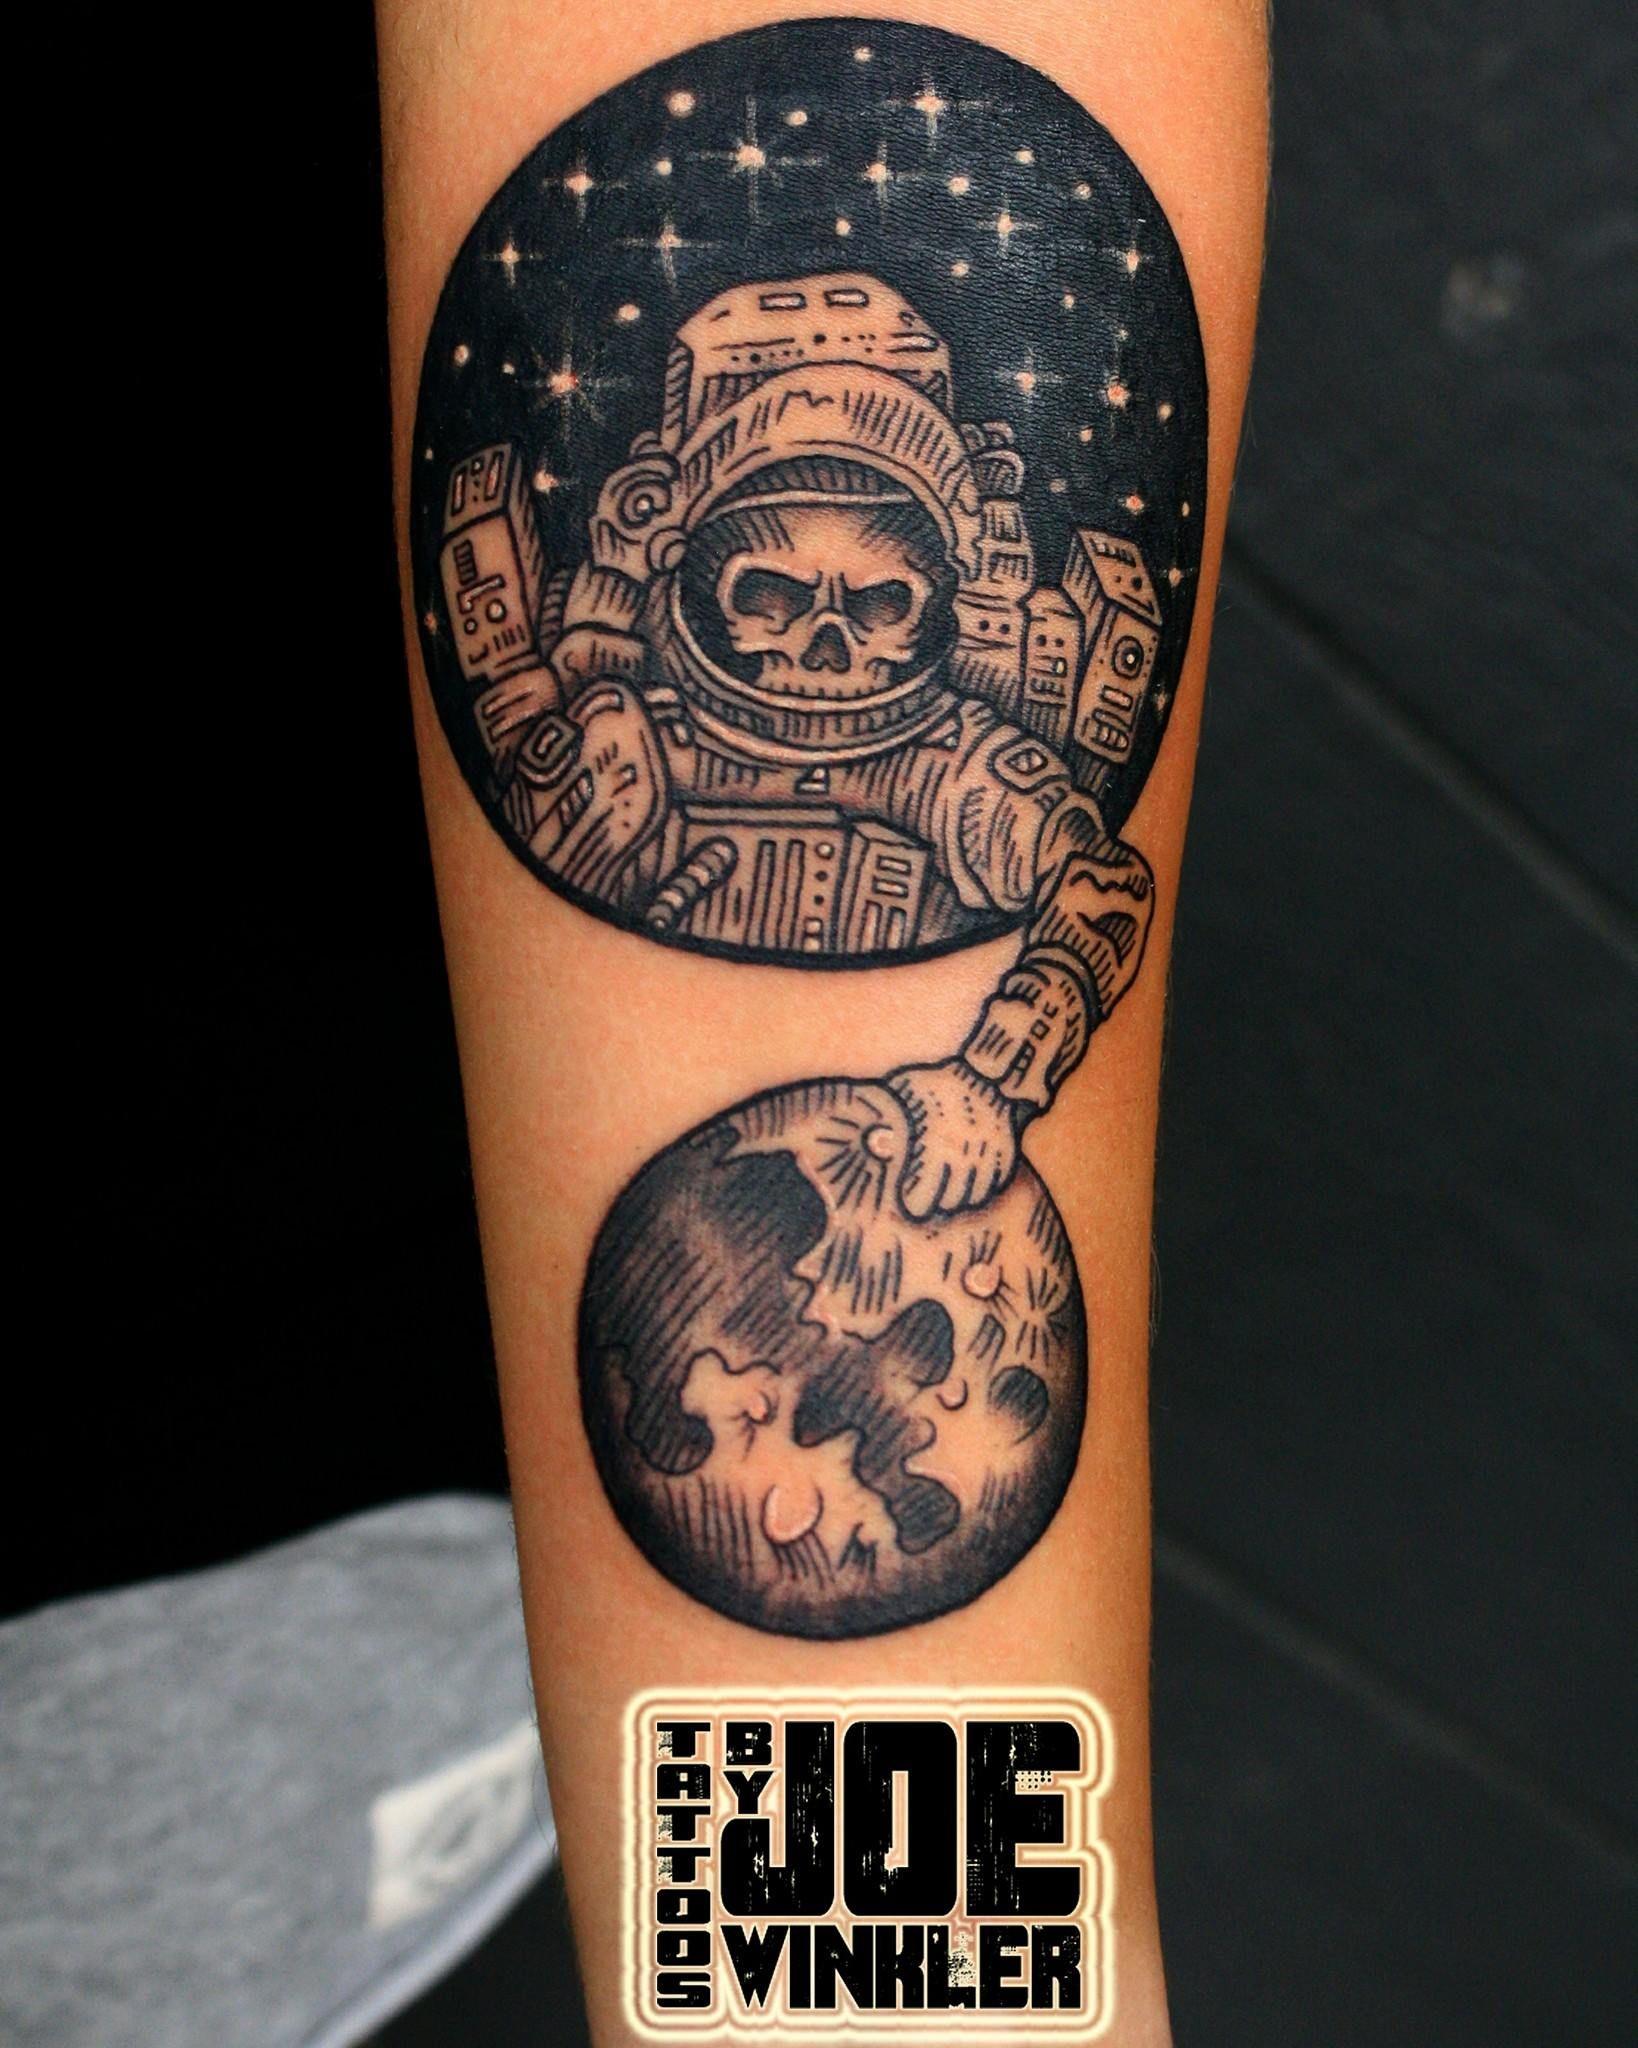 Blackwork Tattoo By Joe Winkler Elite Ink Tattoos Of Myrtle Beach